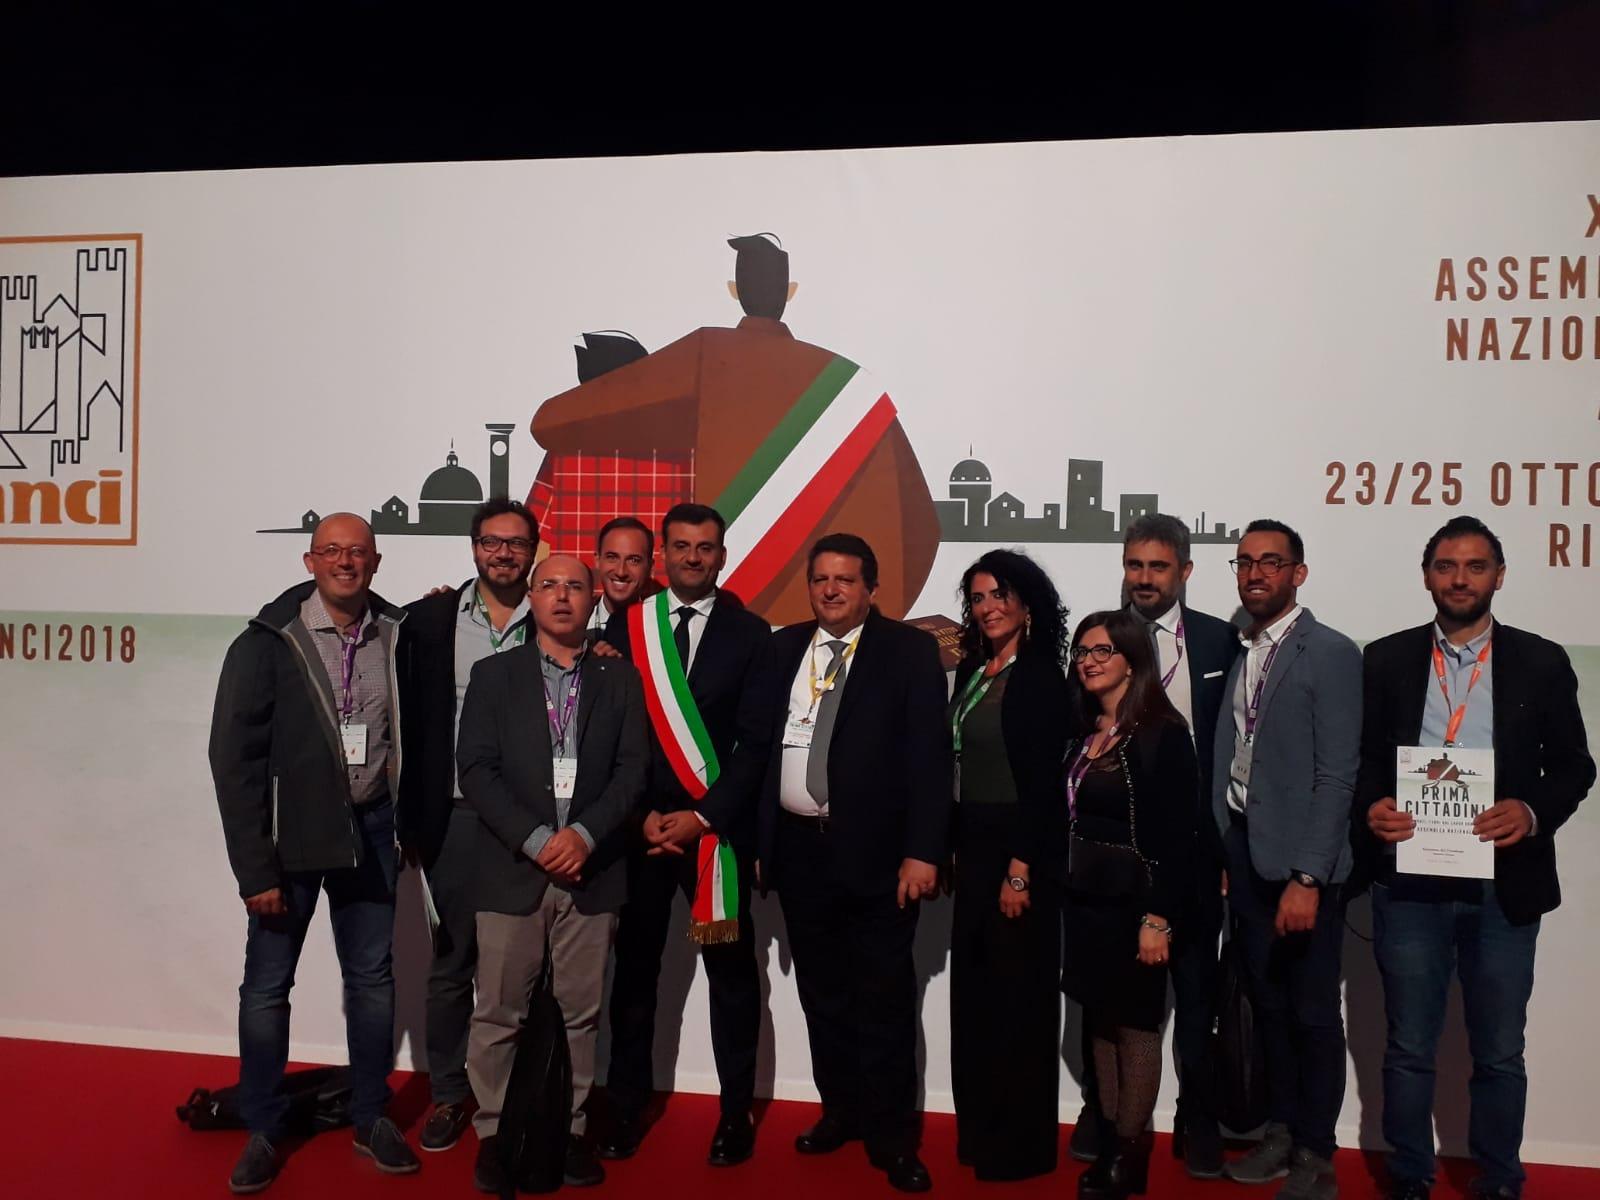 Assemblea annuale Anci, presenti gli amministratori madoniti